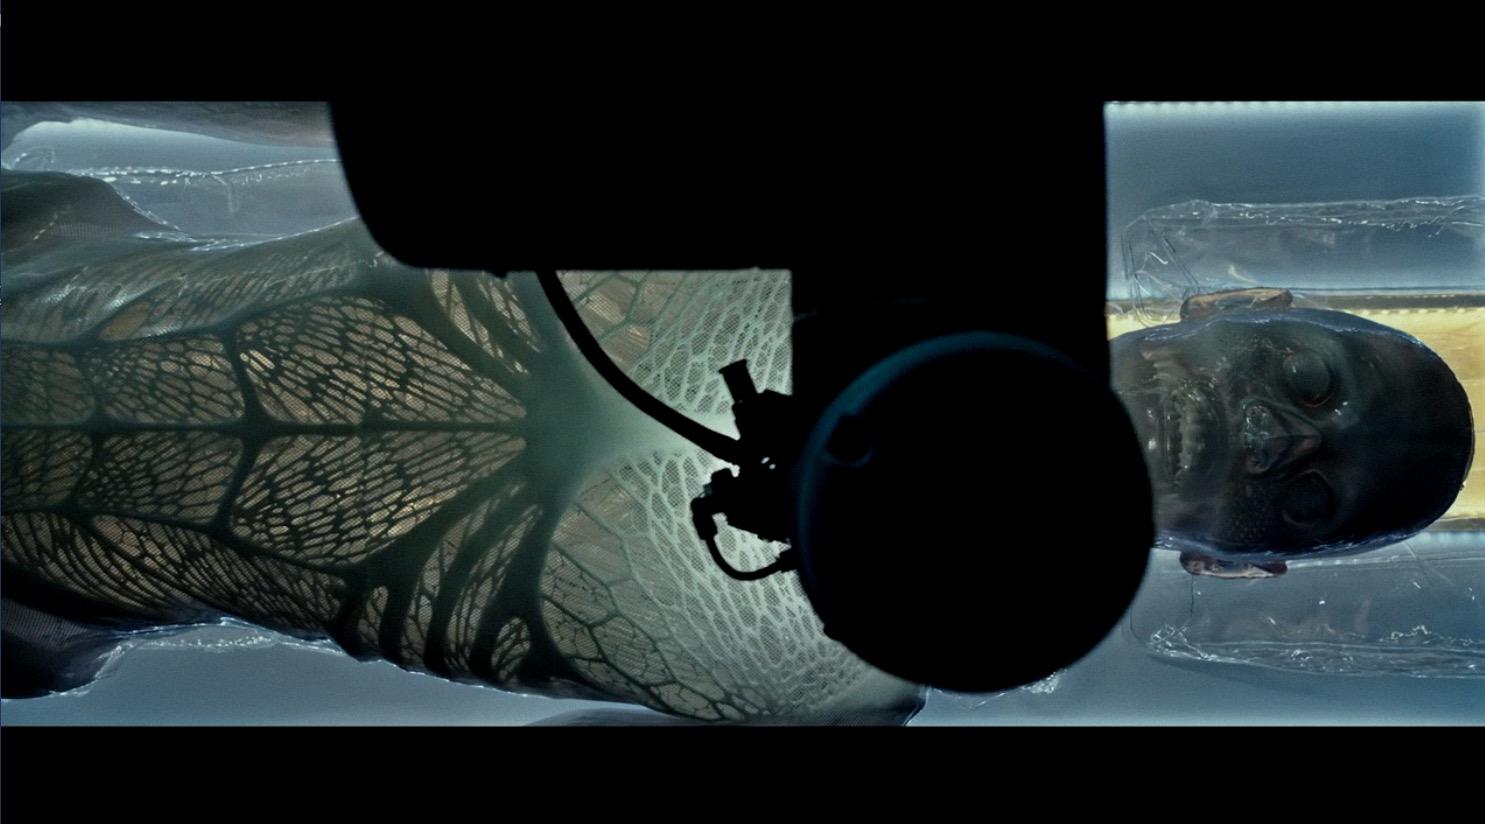 Die Geburt des Androiden aus dem nächsten Alien-Film